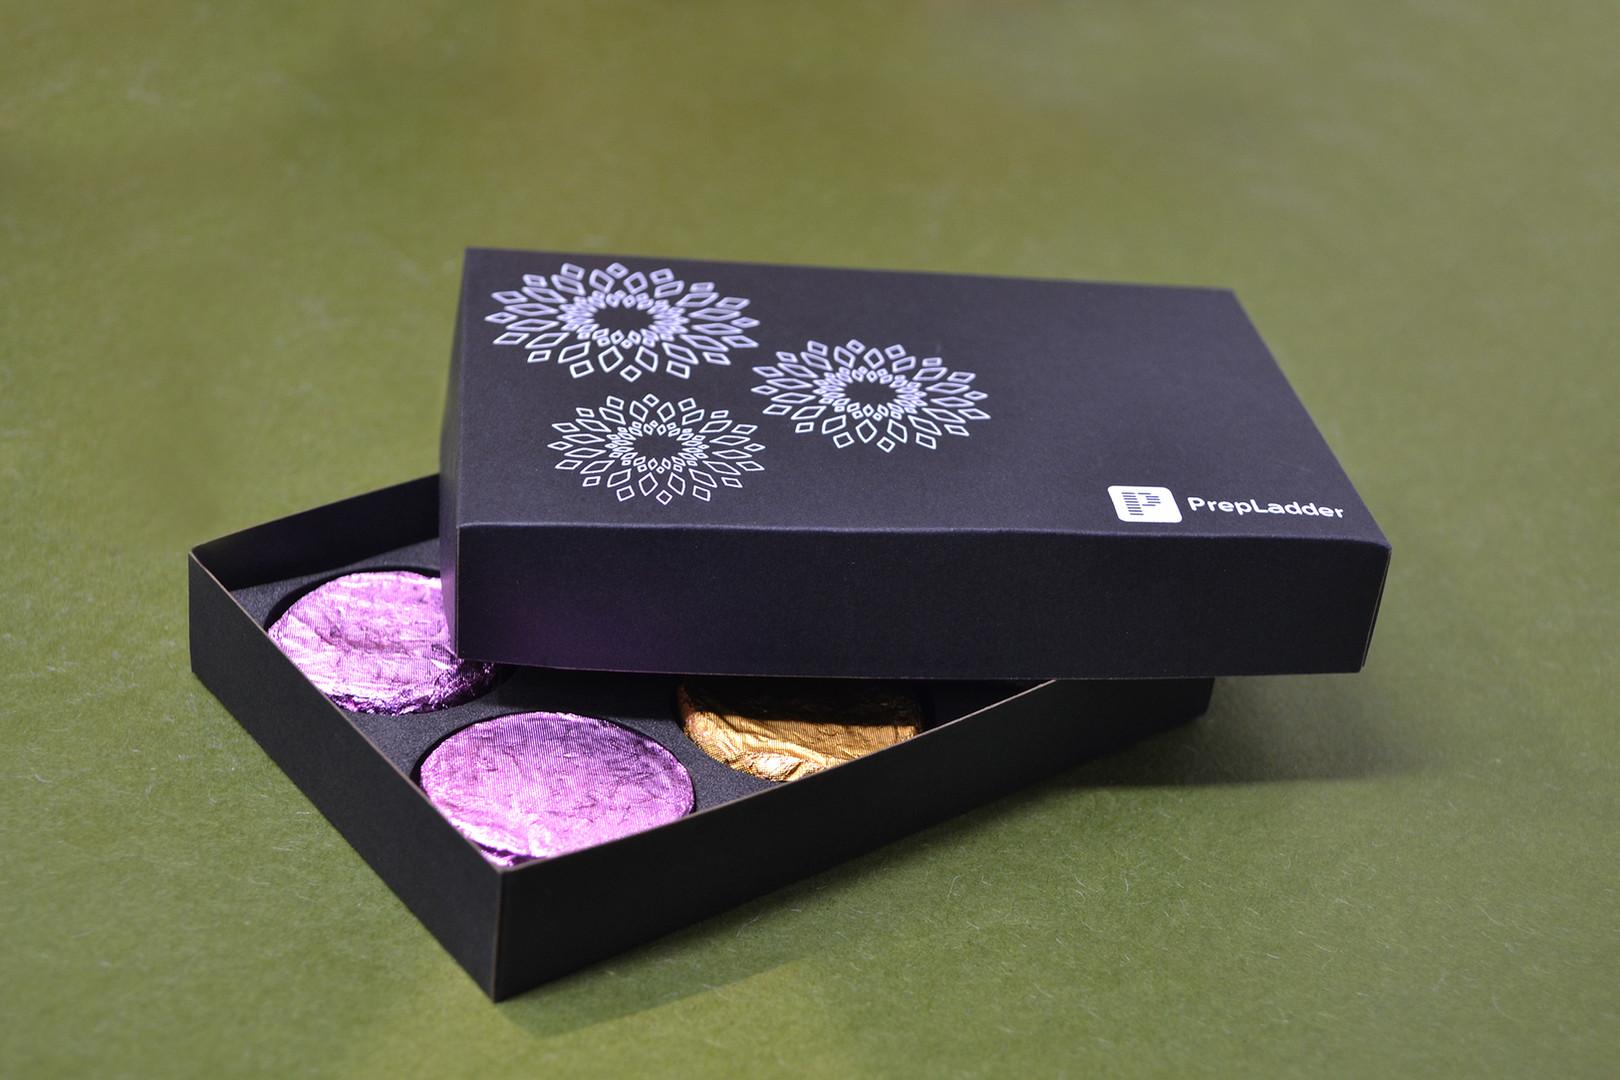 Prepladder Diwali Gifting